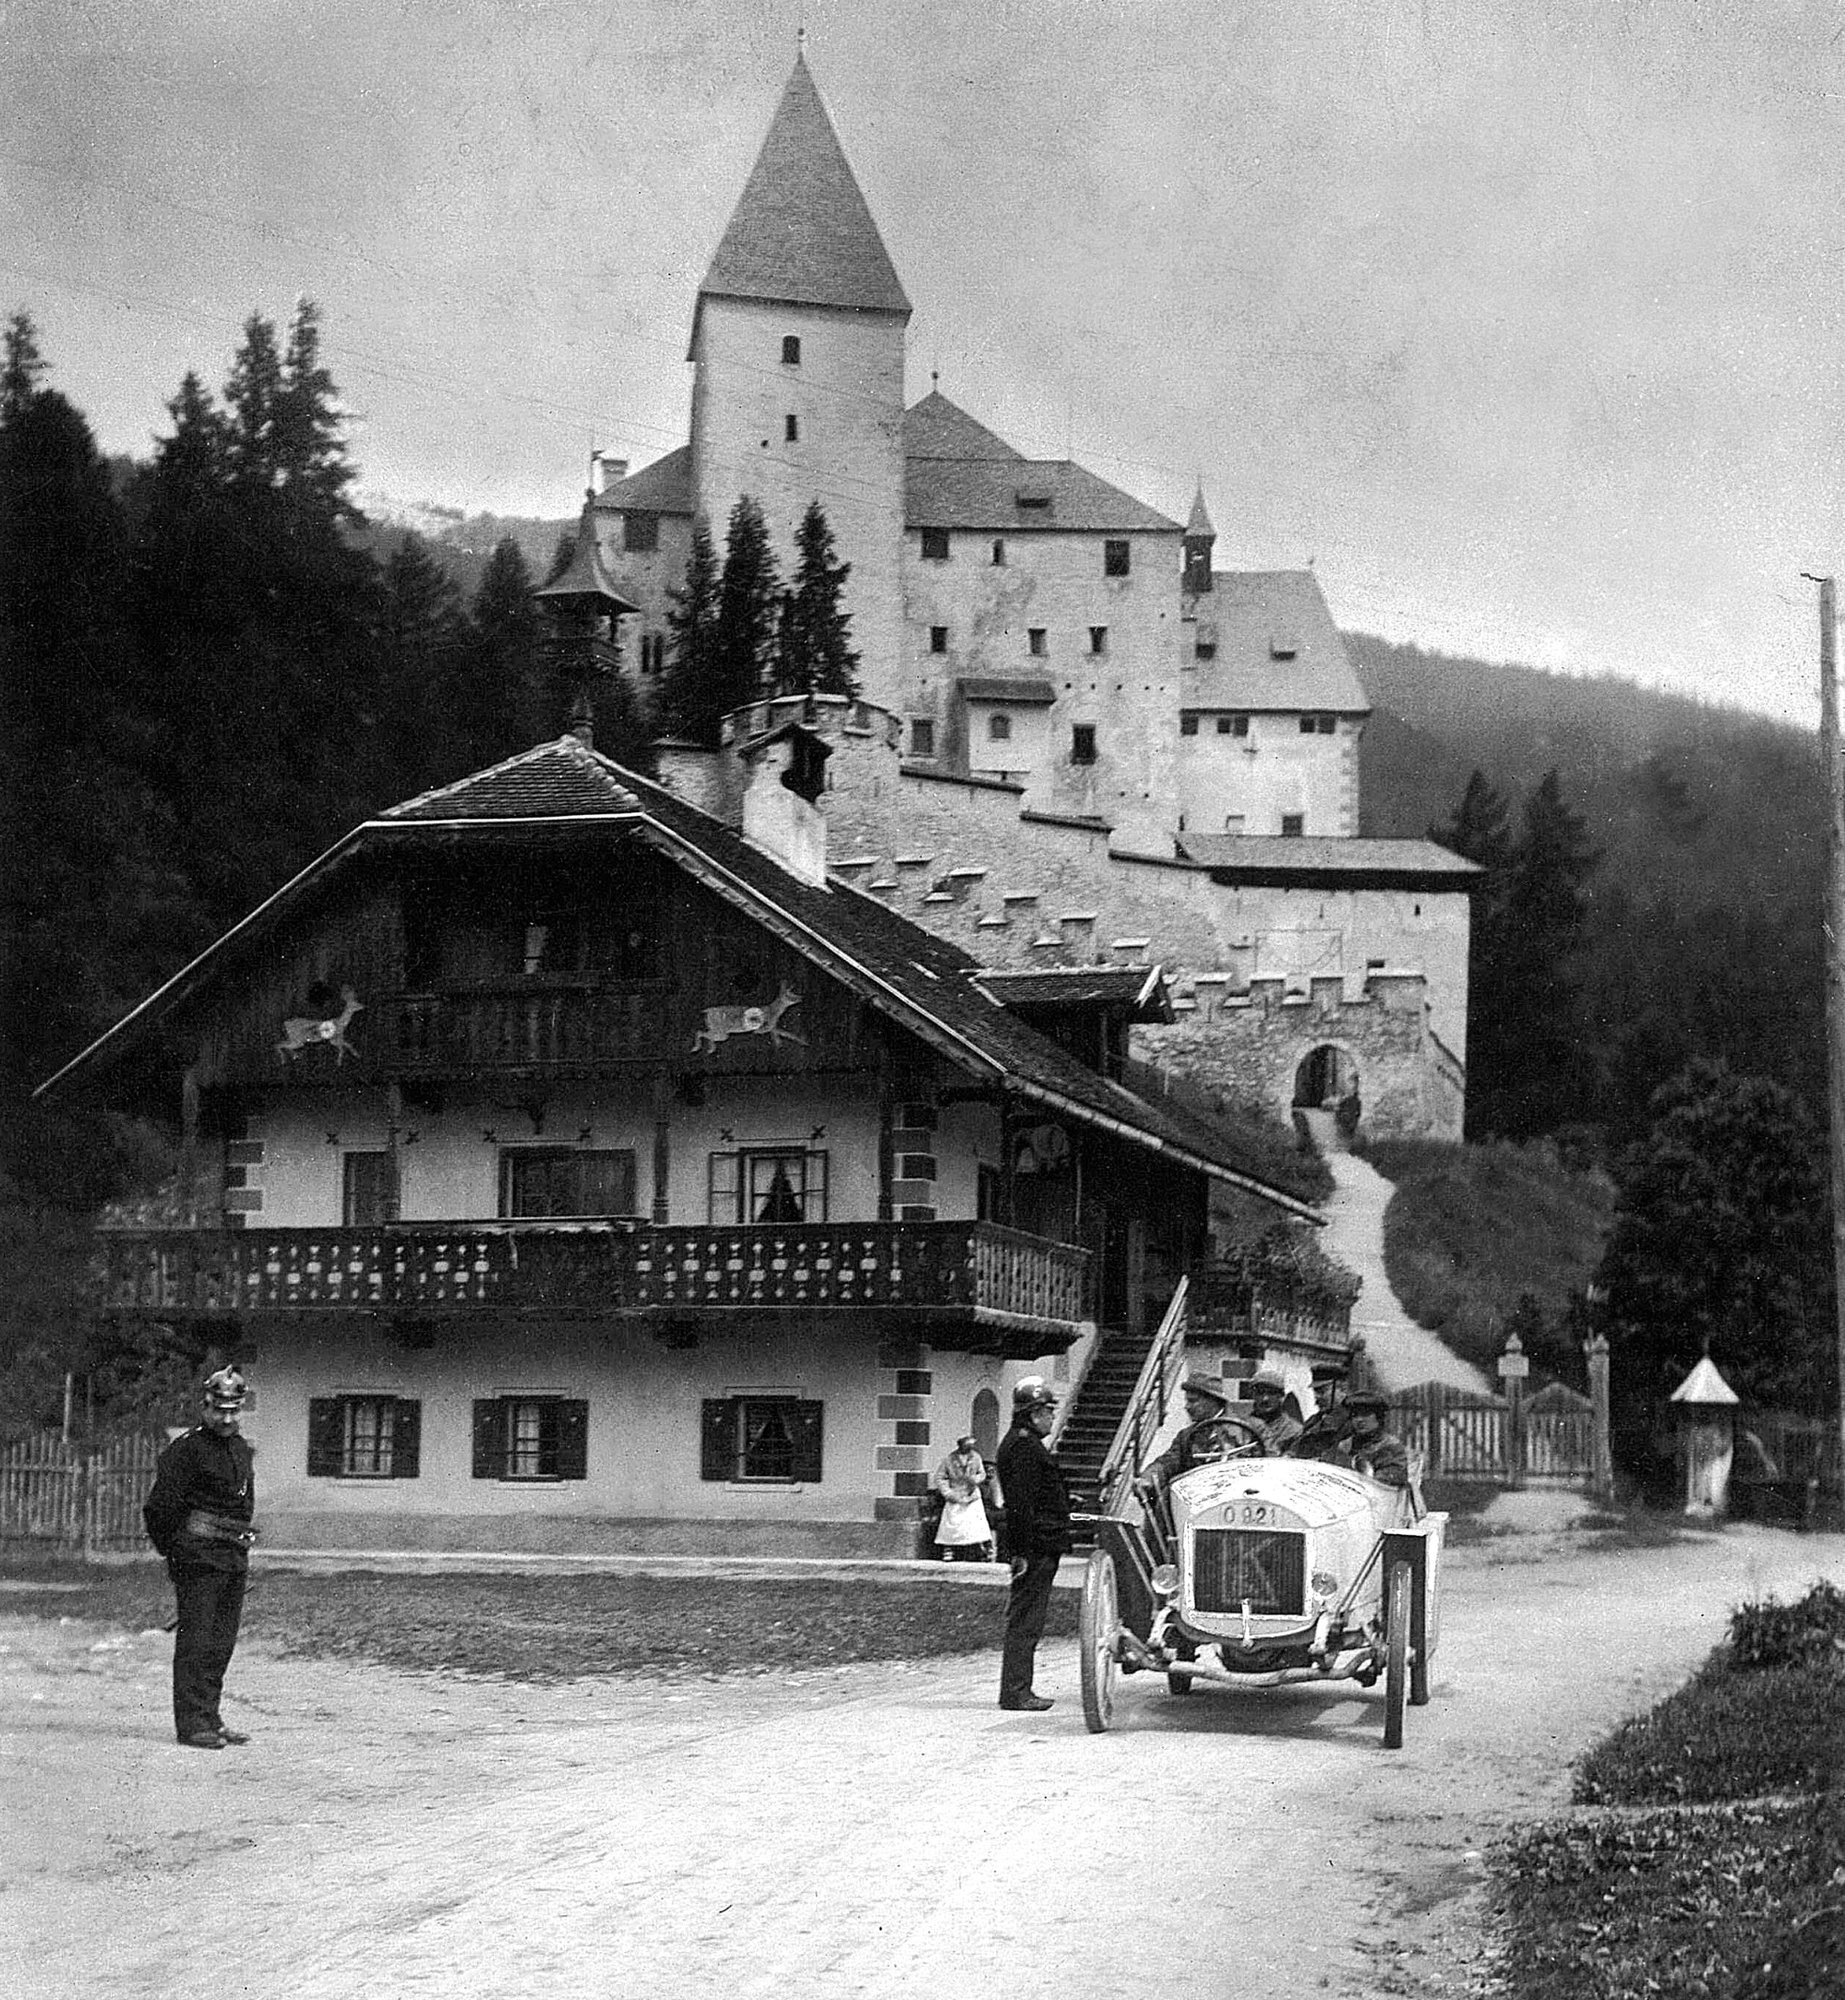 První ročník Alpské jízdy v červnu 1910. Saša Kolowrat, Otto Hieronimus a Paul Drašković získali pro Laurin & Klement prestižní Týmovou cenu